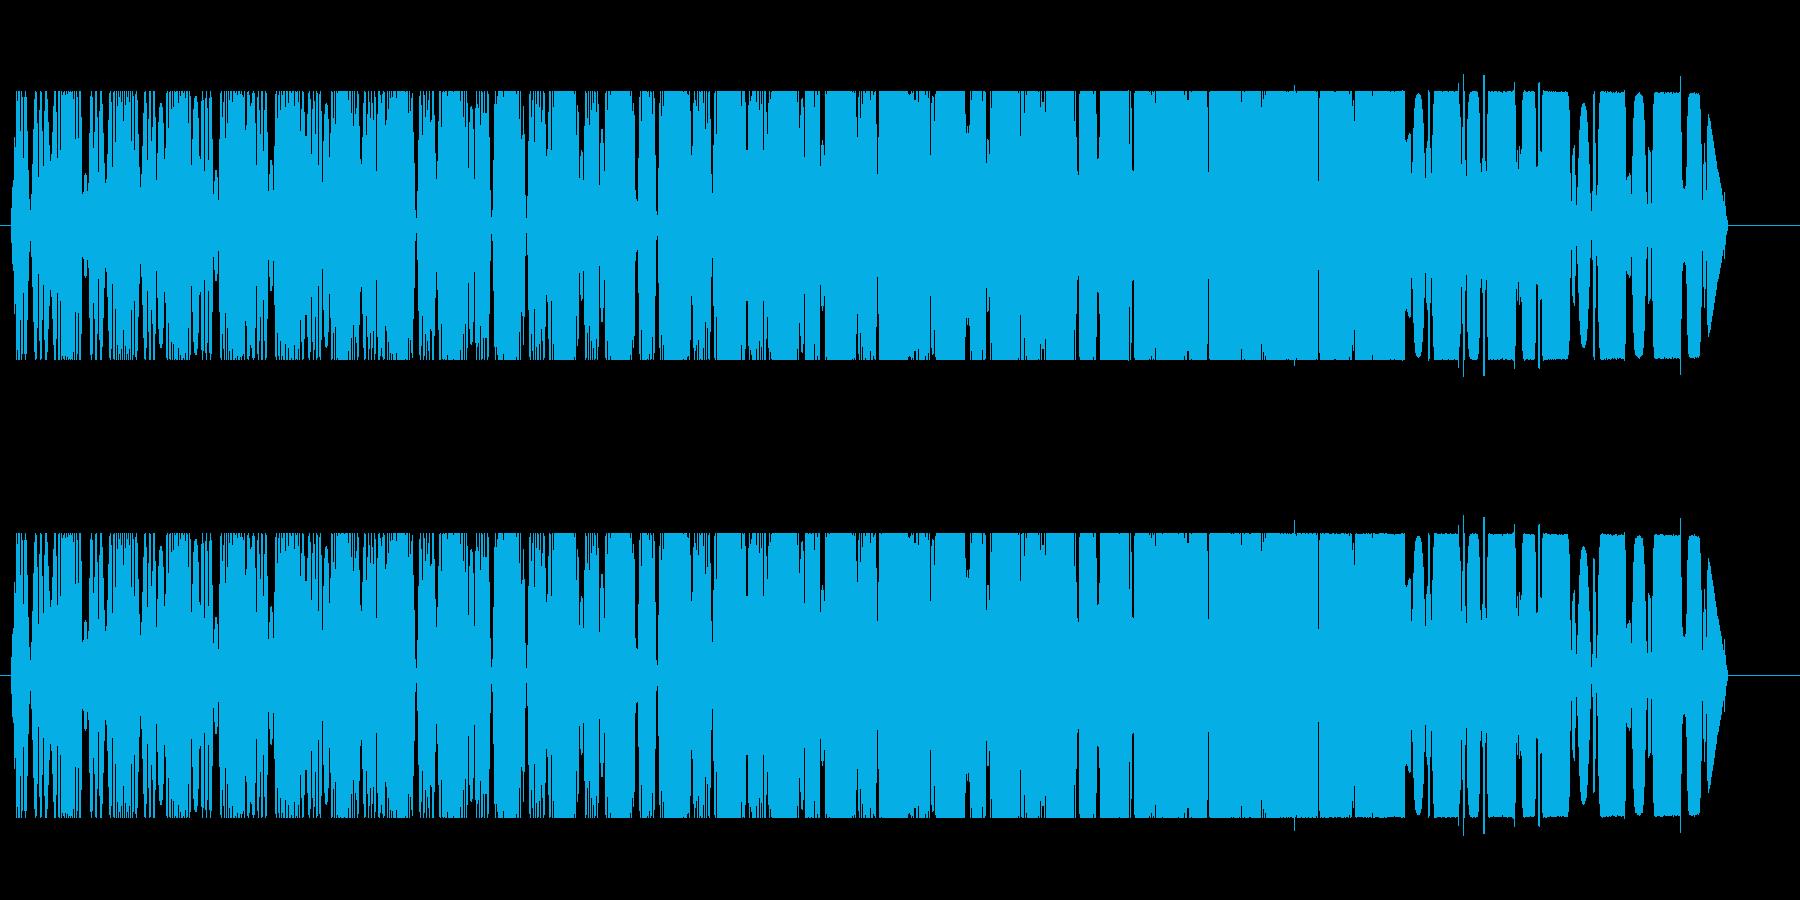 プルルル↑(コミカルな飛行音)の再生済みの波形